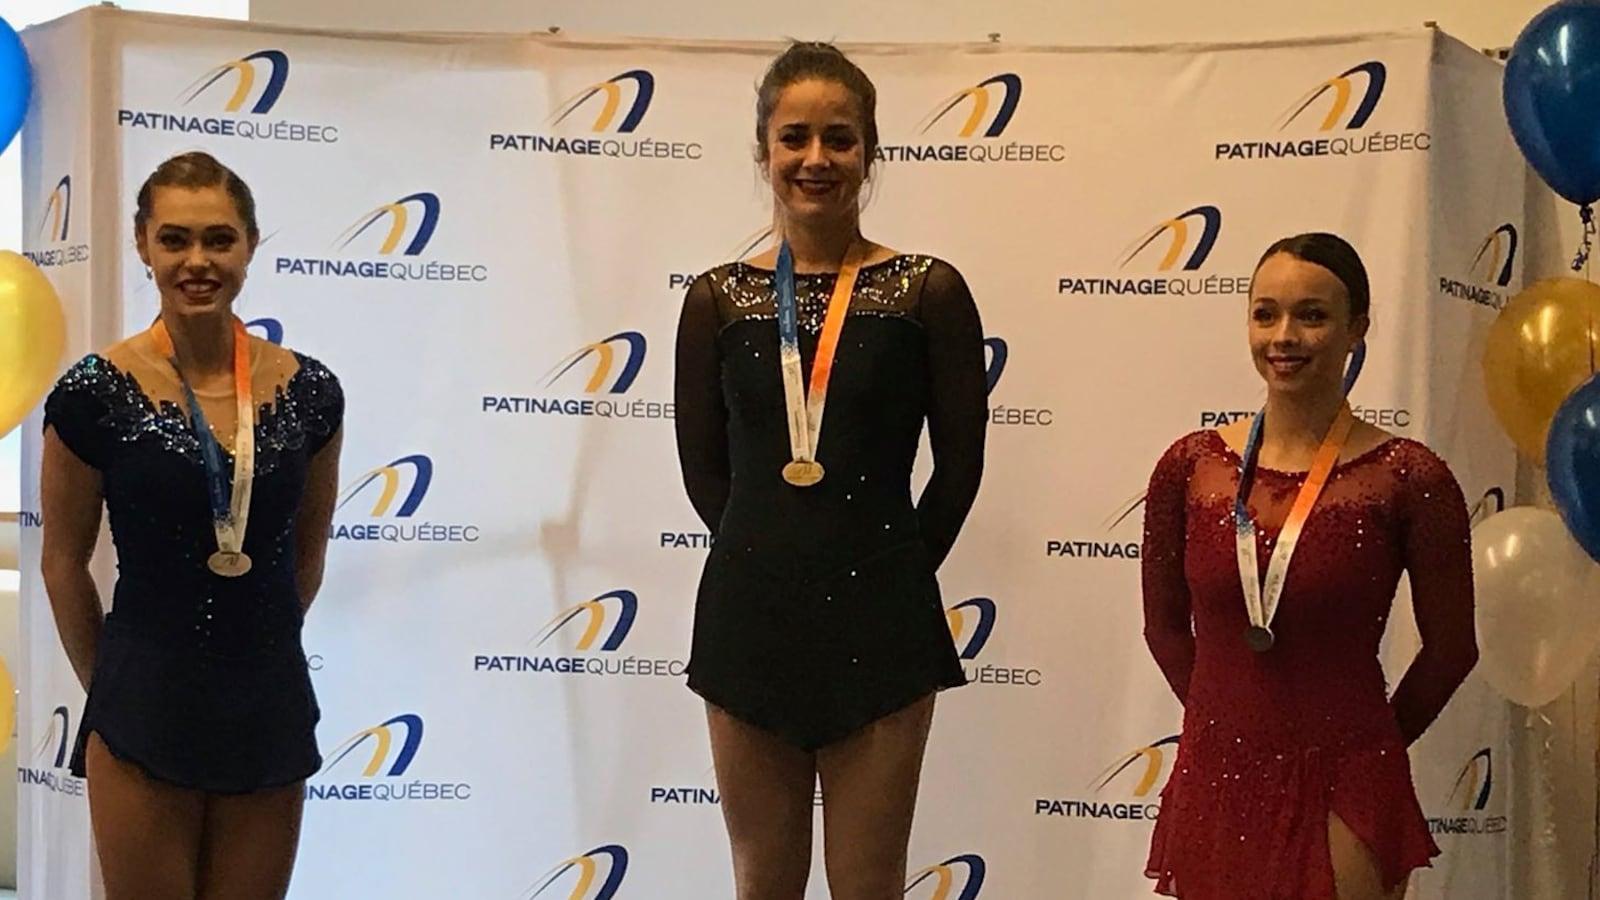 Elle est sur le podium en compagnie des autres médaillées.